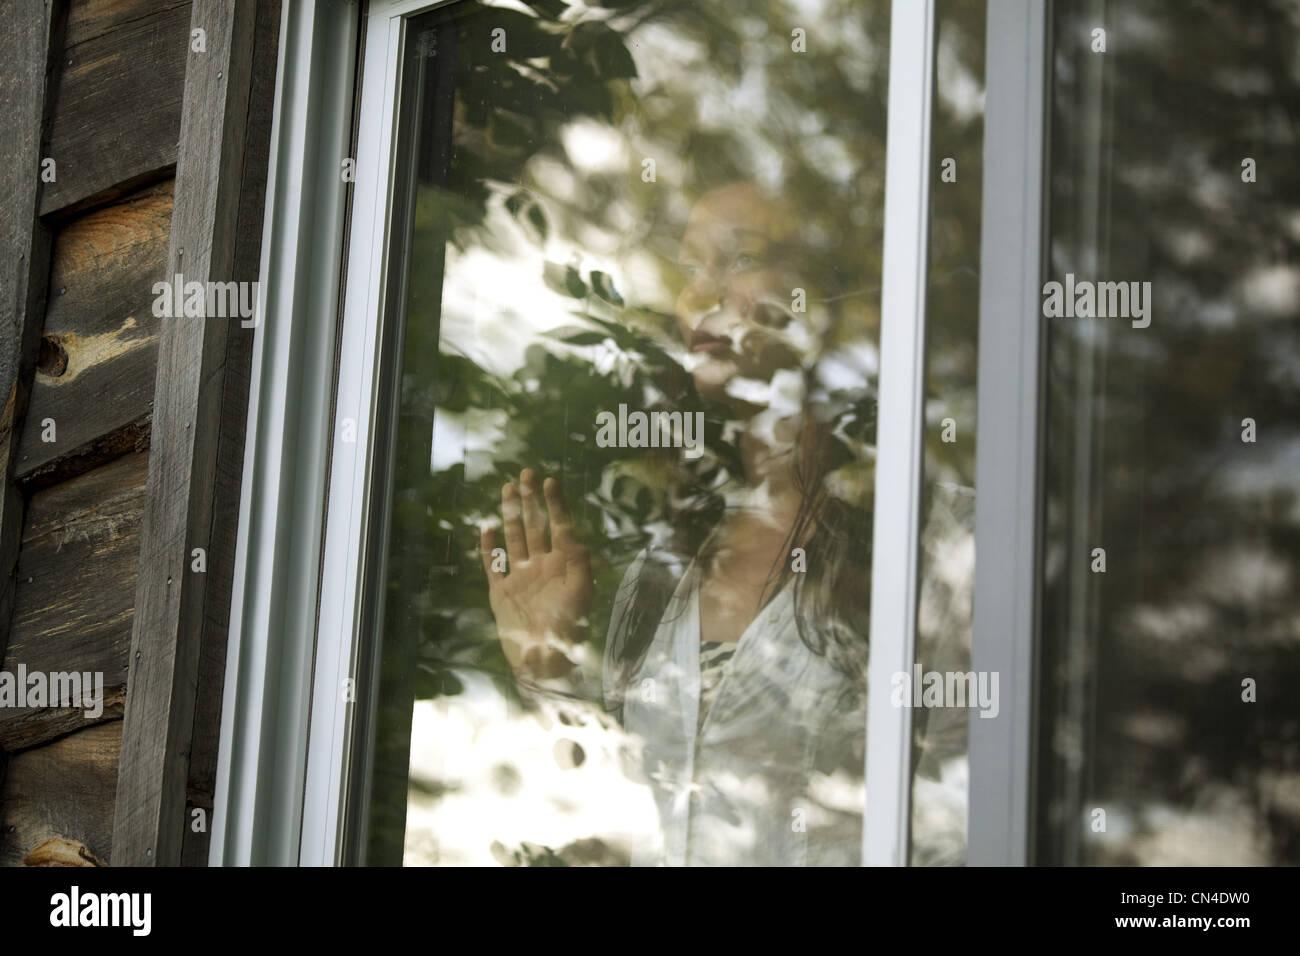 Adolescente mirando a través de la ventana Imagen De Stock